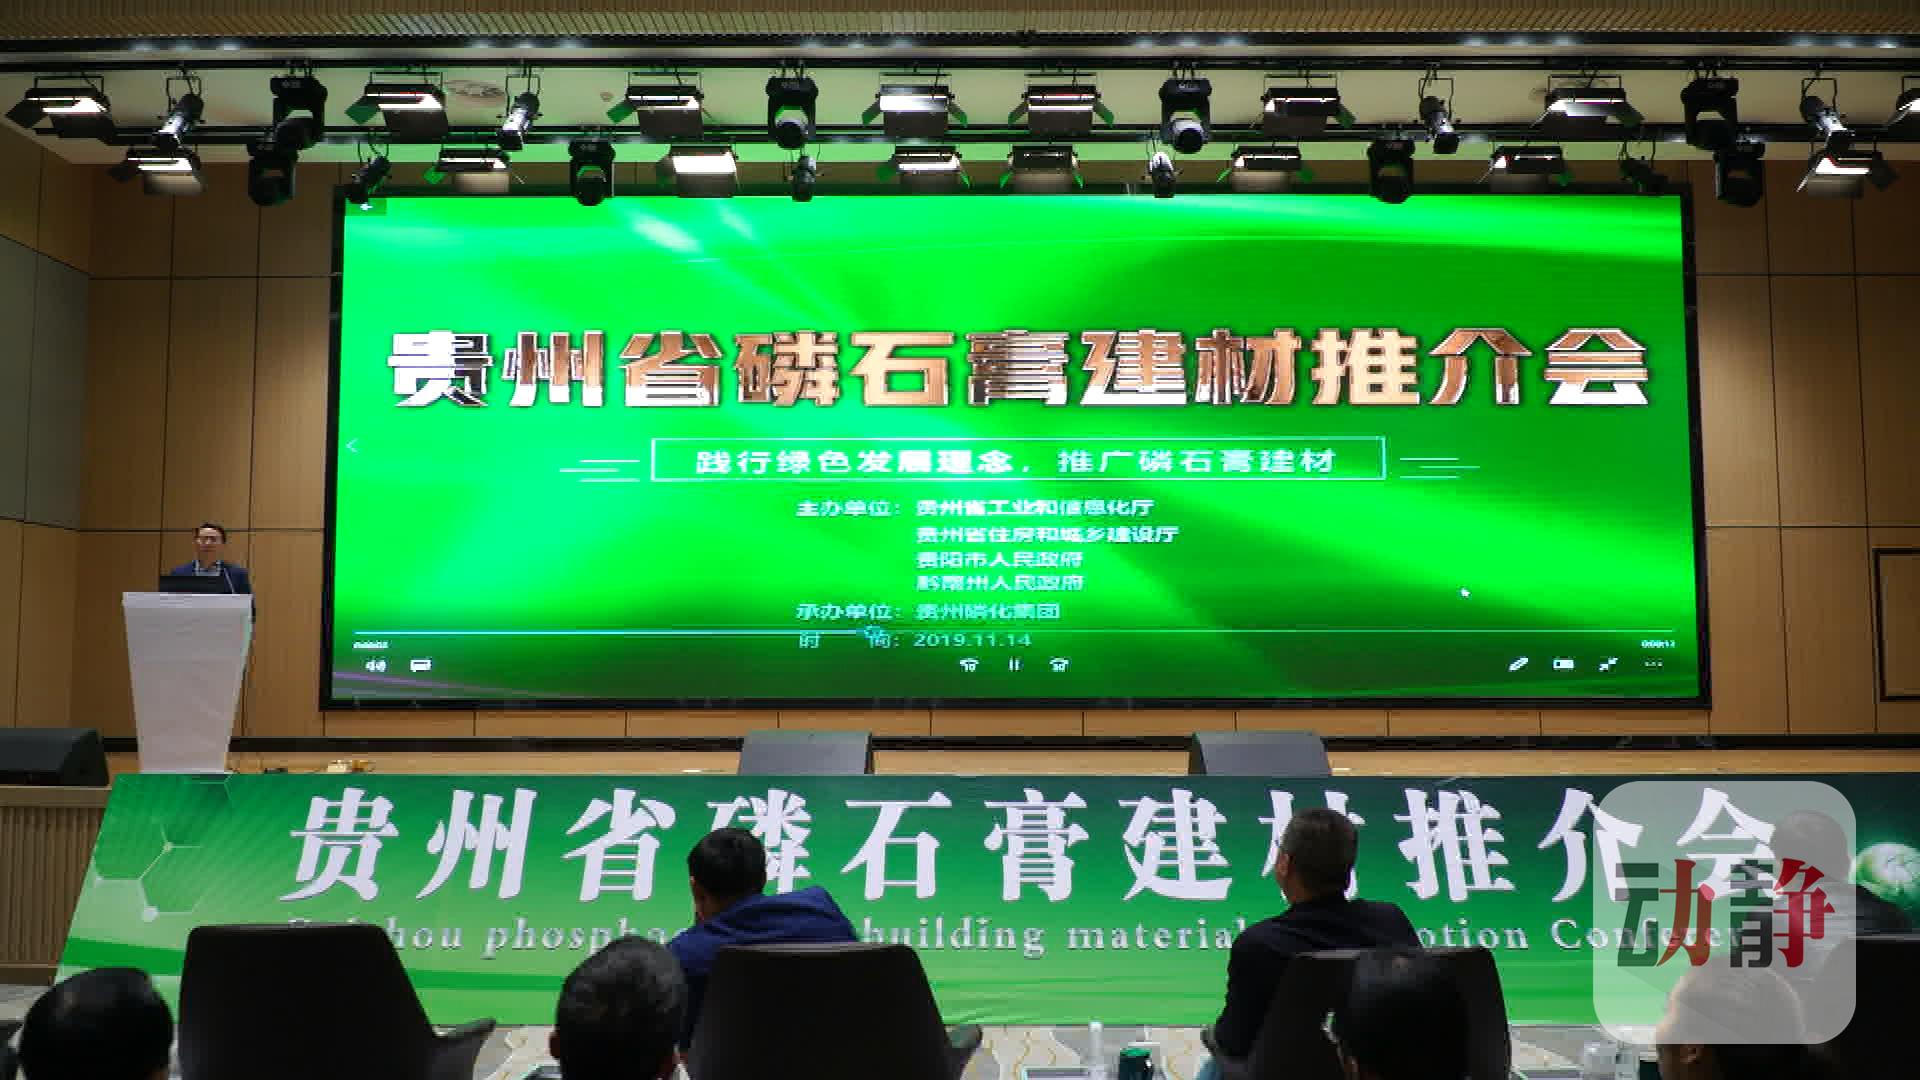 贵州省磷石膏建材推介会在贵阳举行